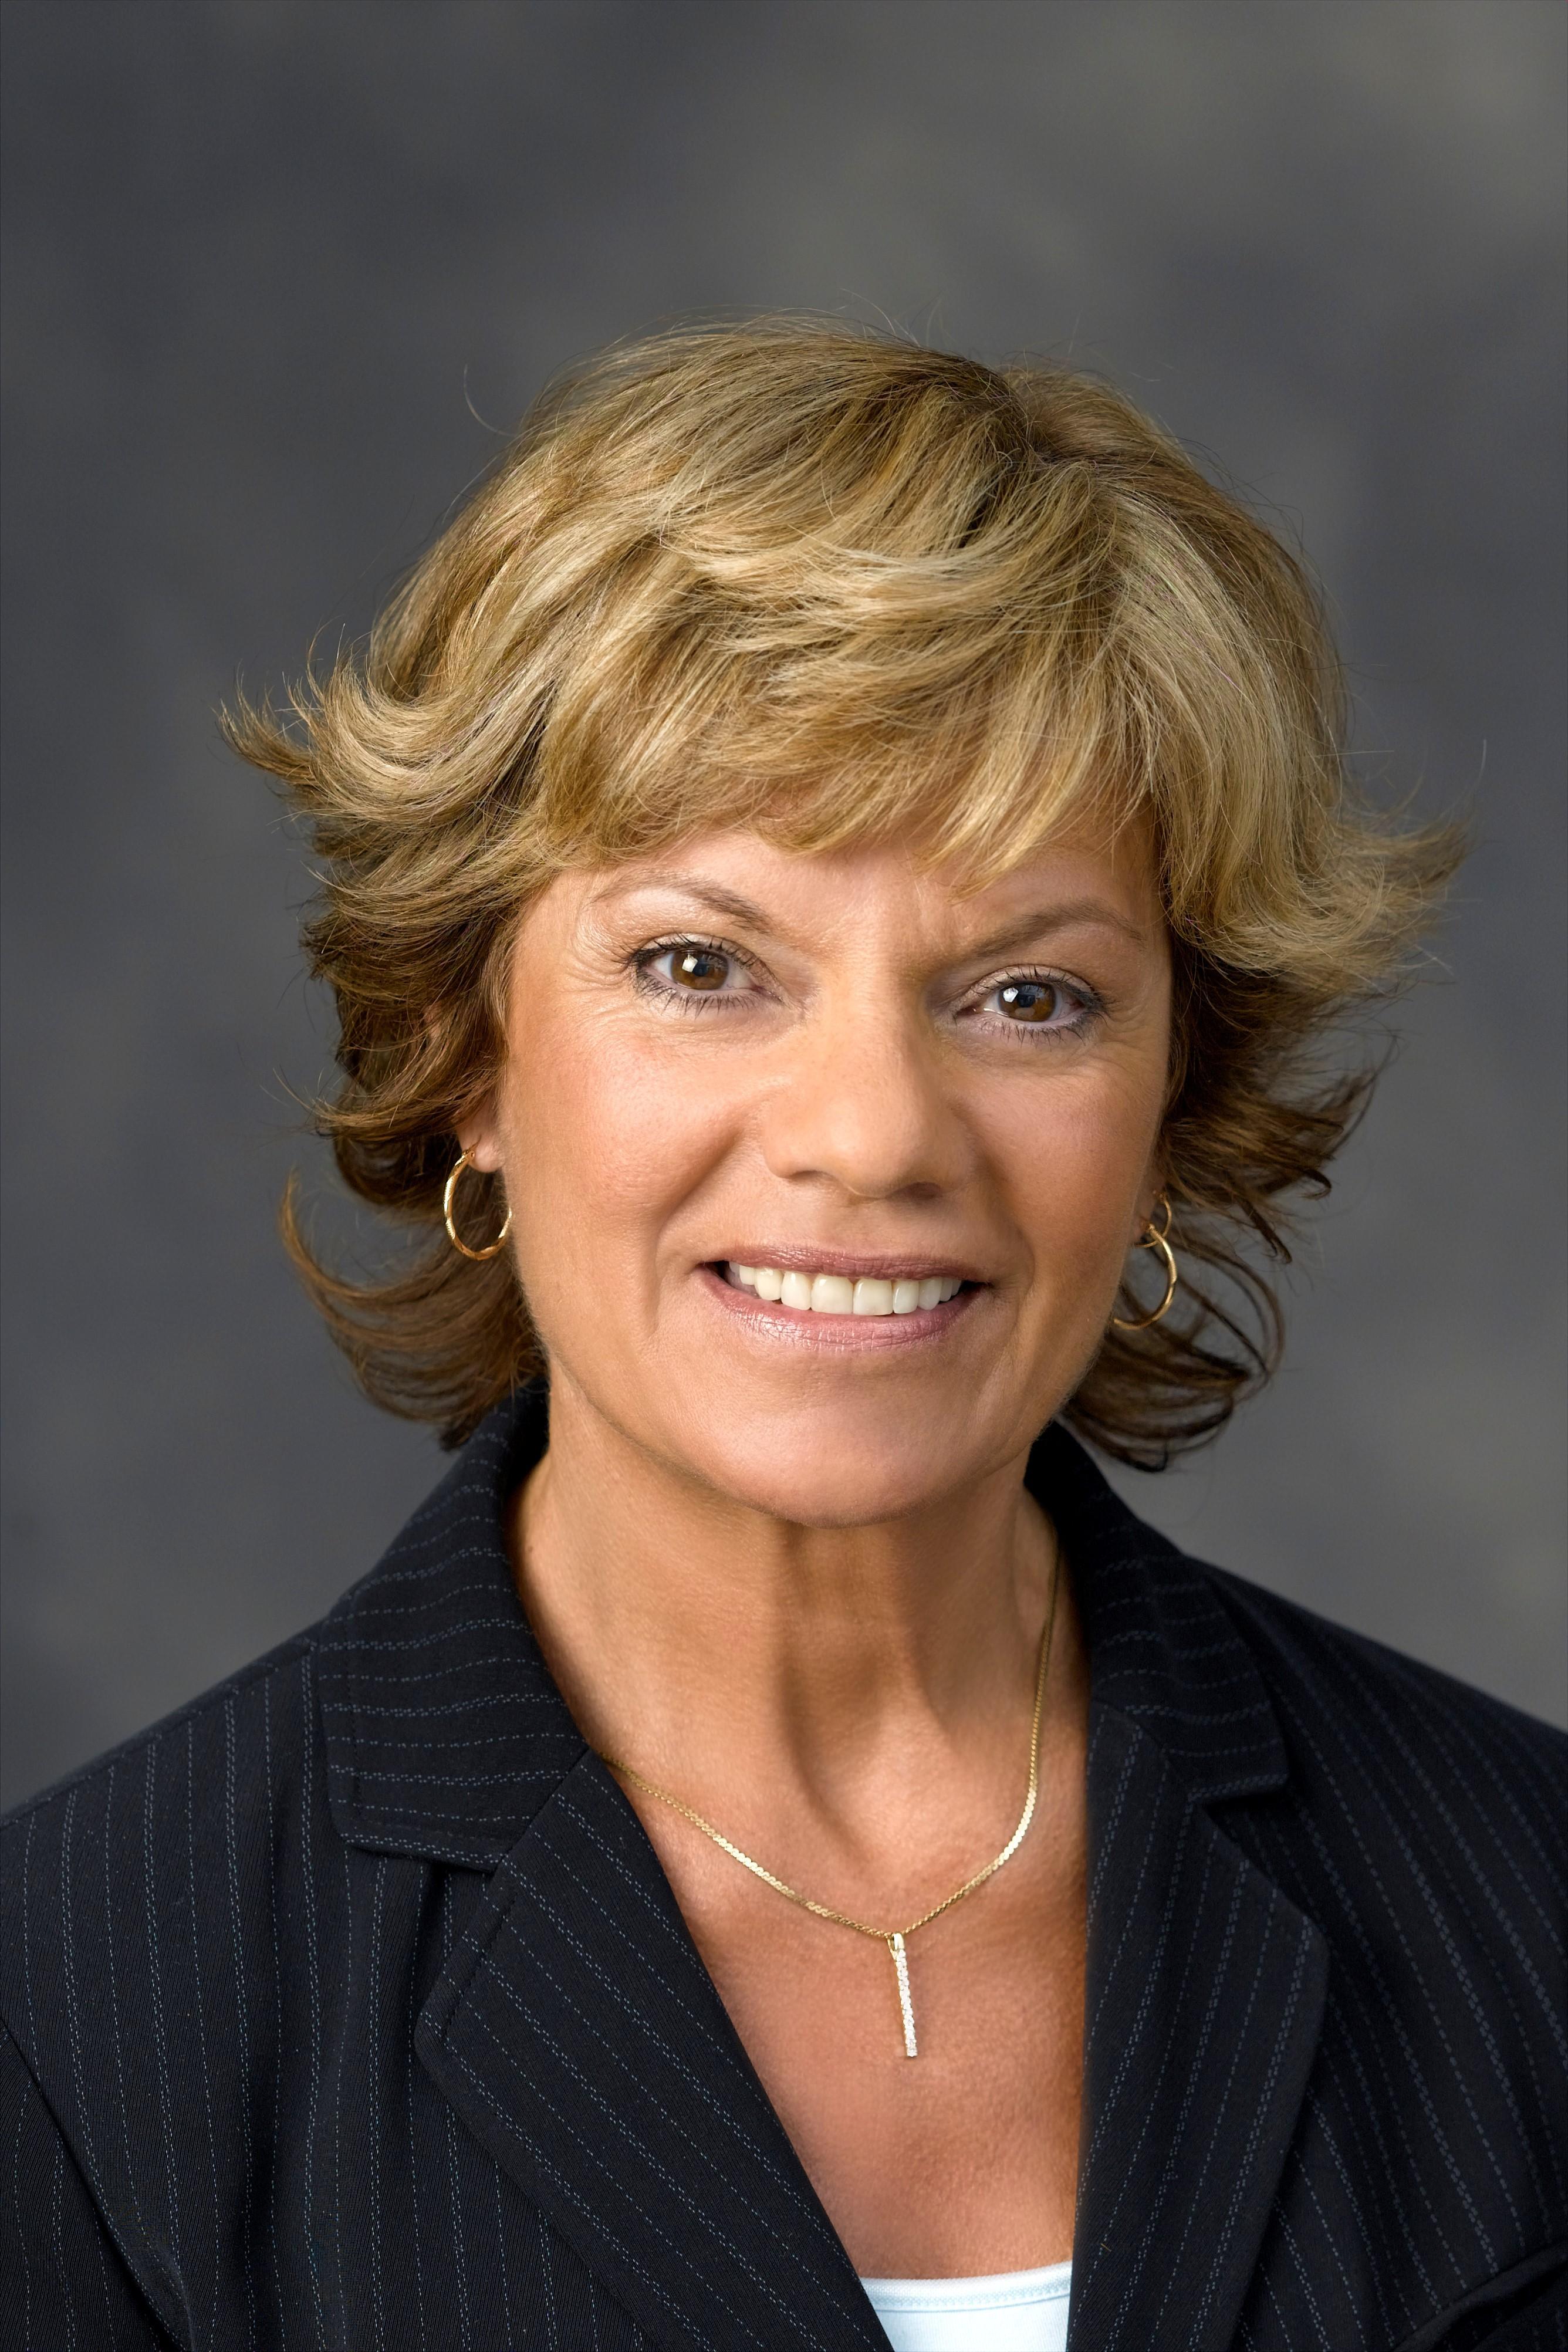 Colette Heimowitz